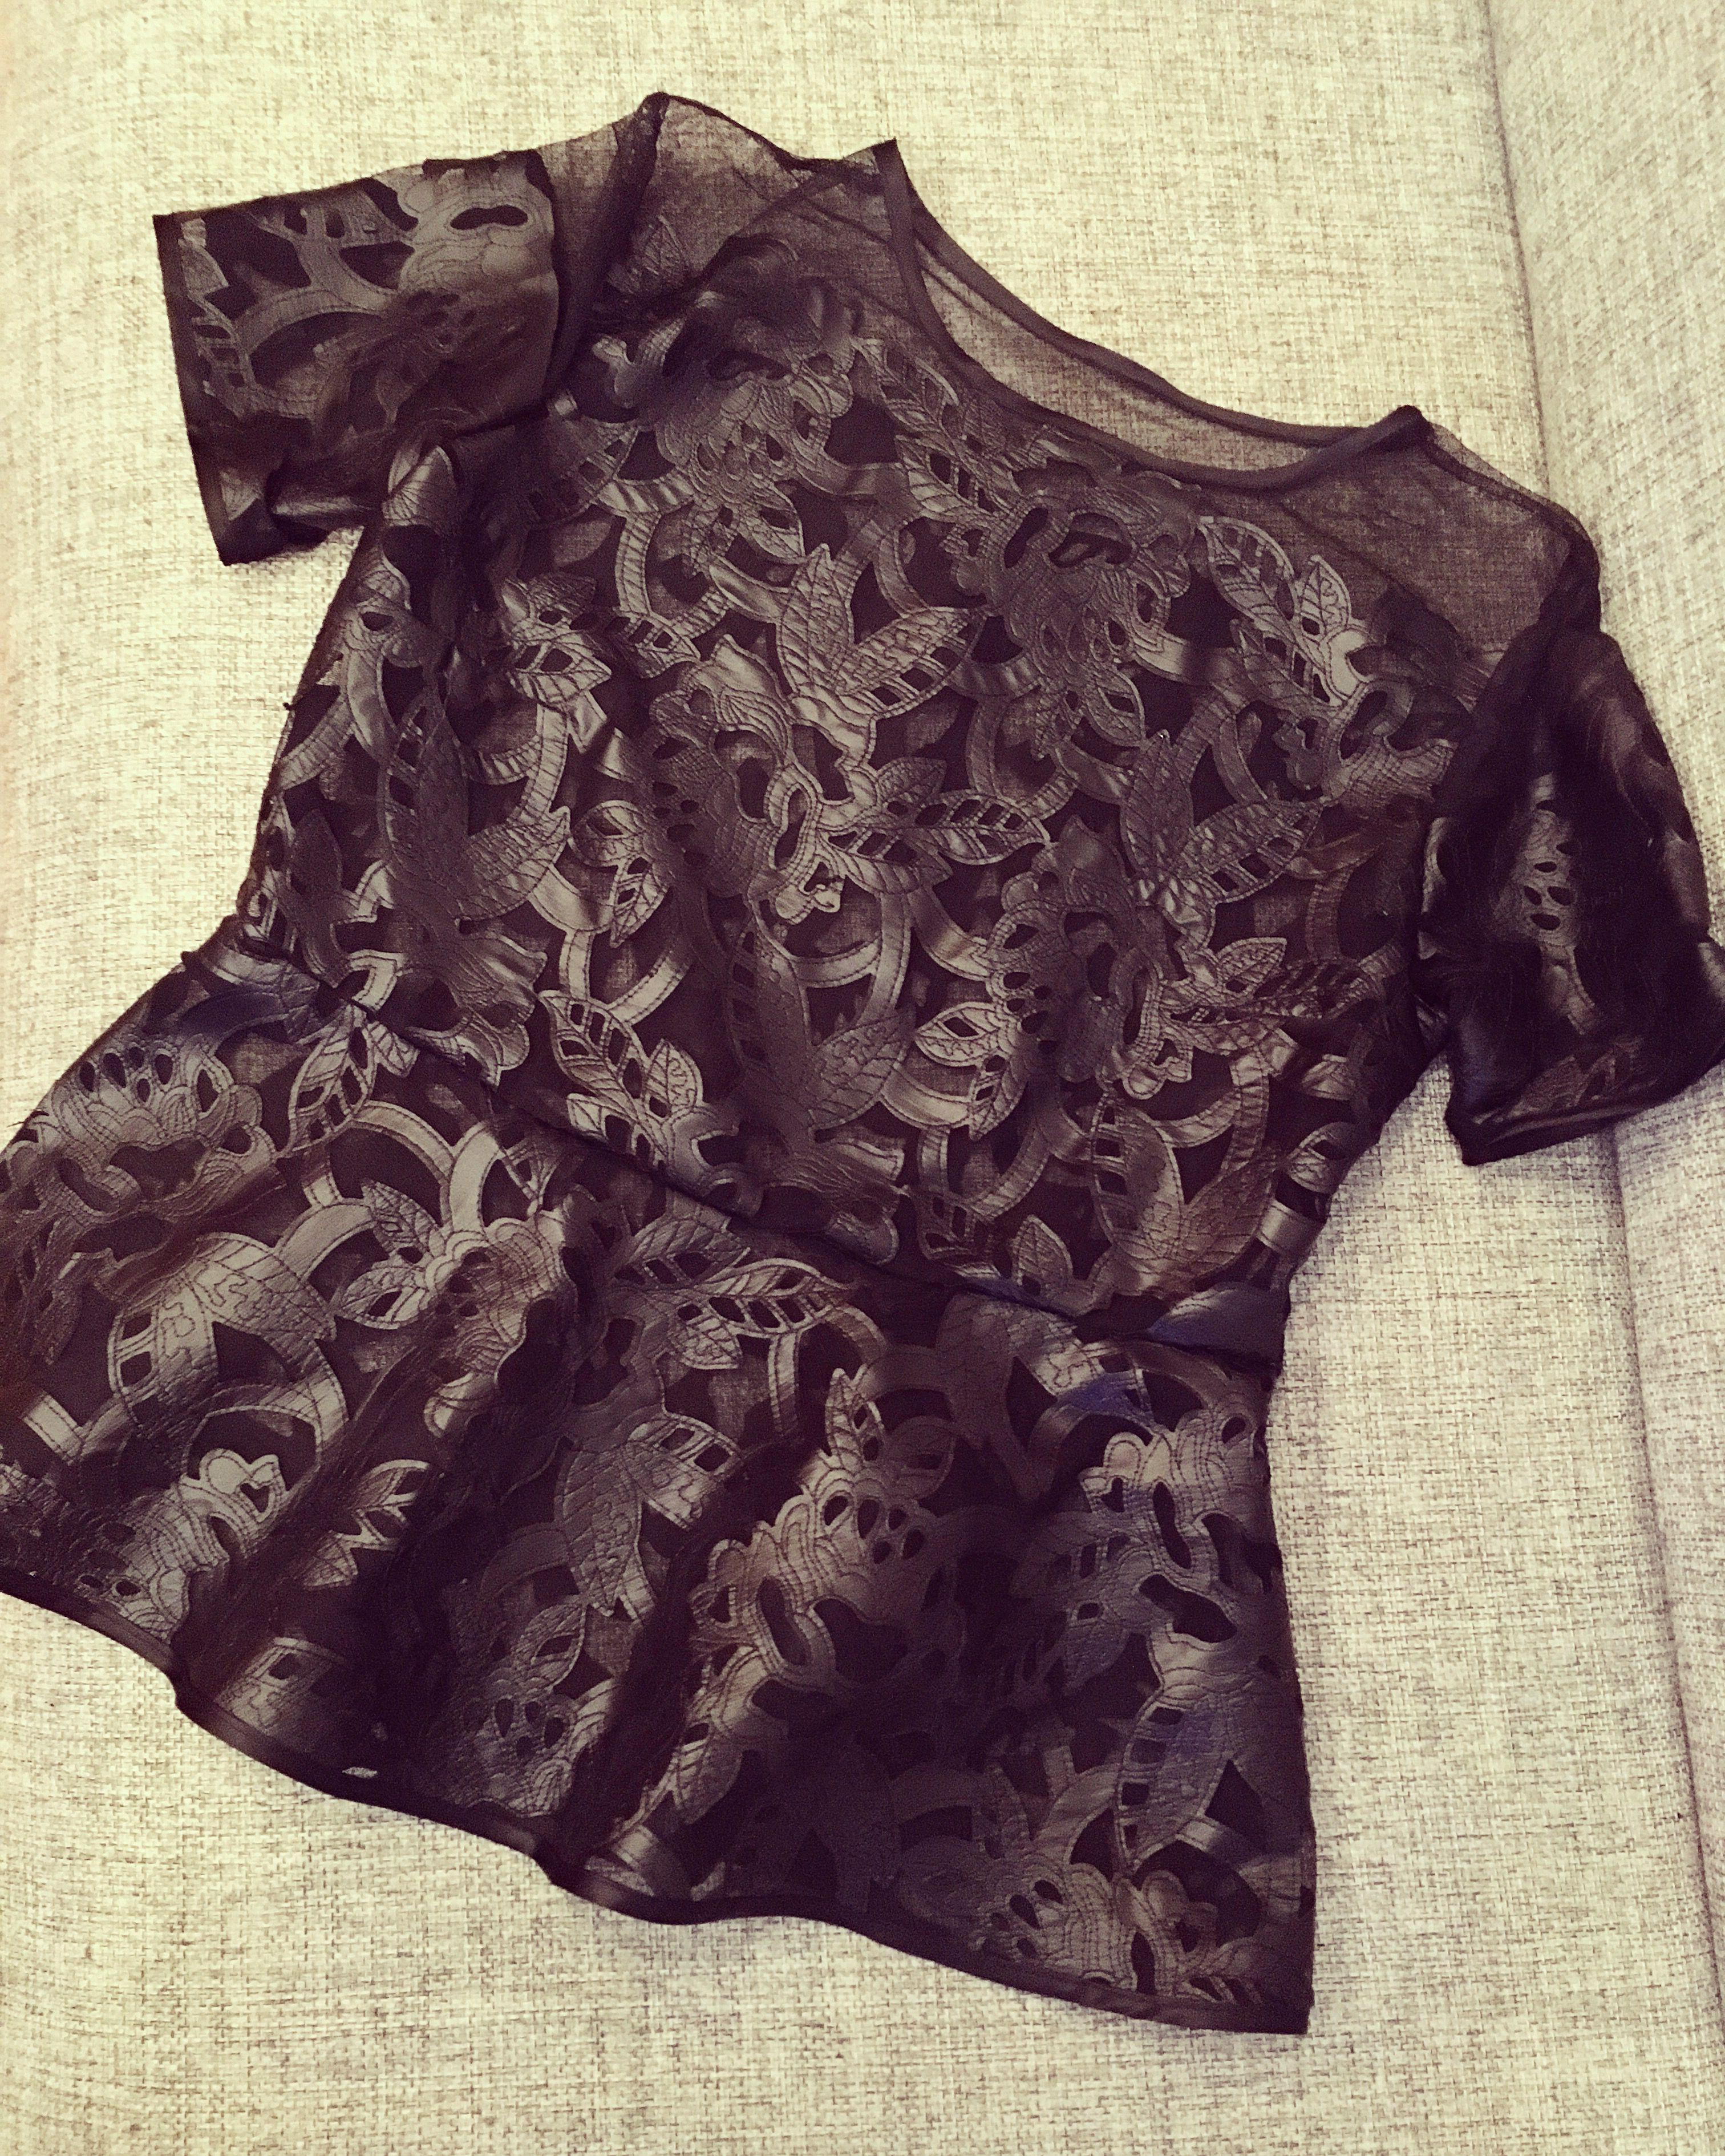 мода кожа кожаная эксклюзив сетке кофта на блузка 2017 нарядная